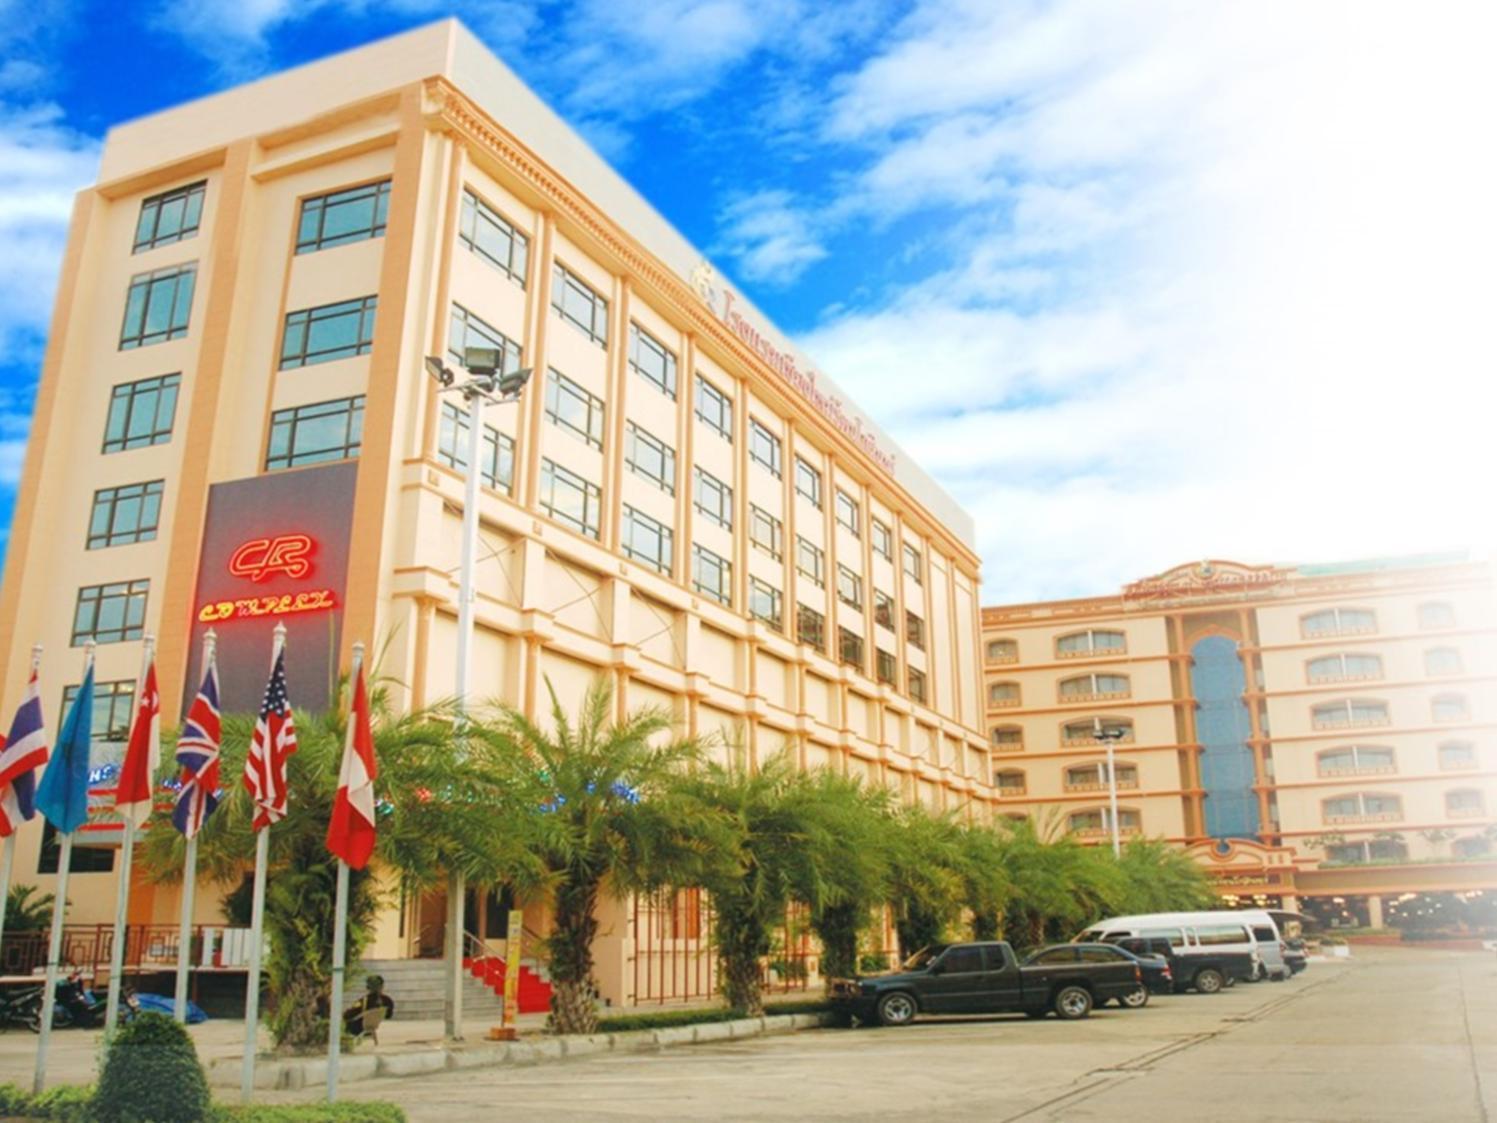 โรงแรมเชียงใหม่ รัตนโกสินทร์